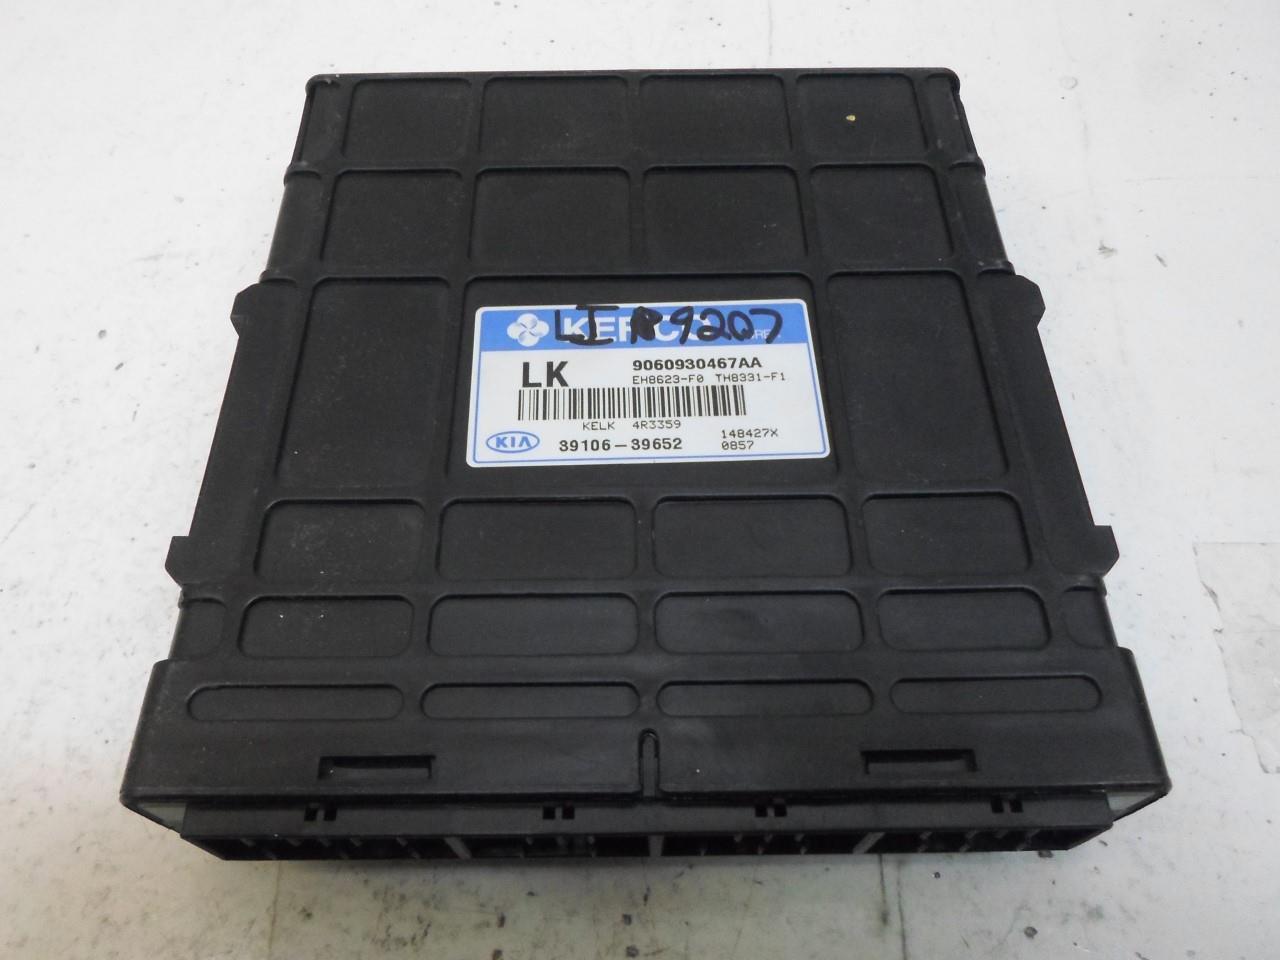 Engine Computer Kia Sedona 2003 2004 2005 39106